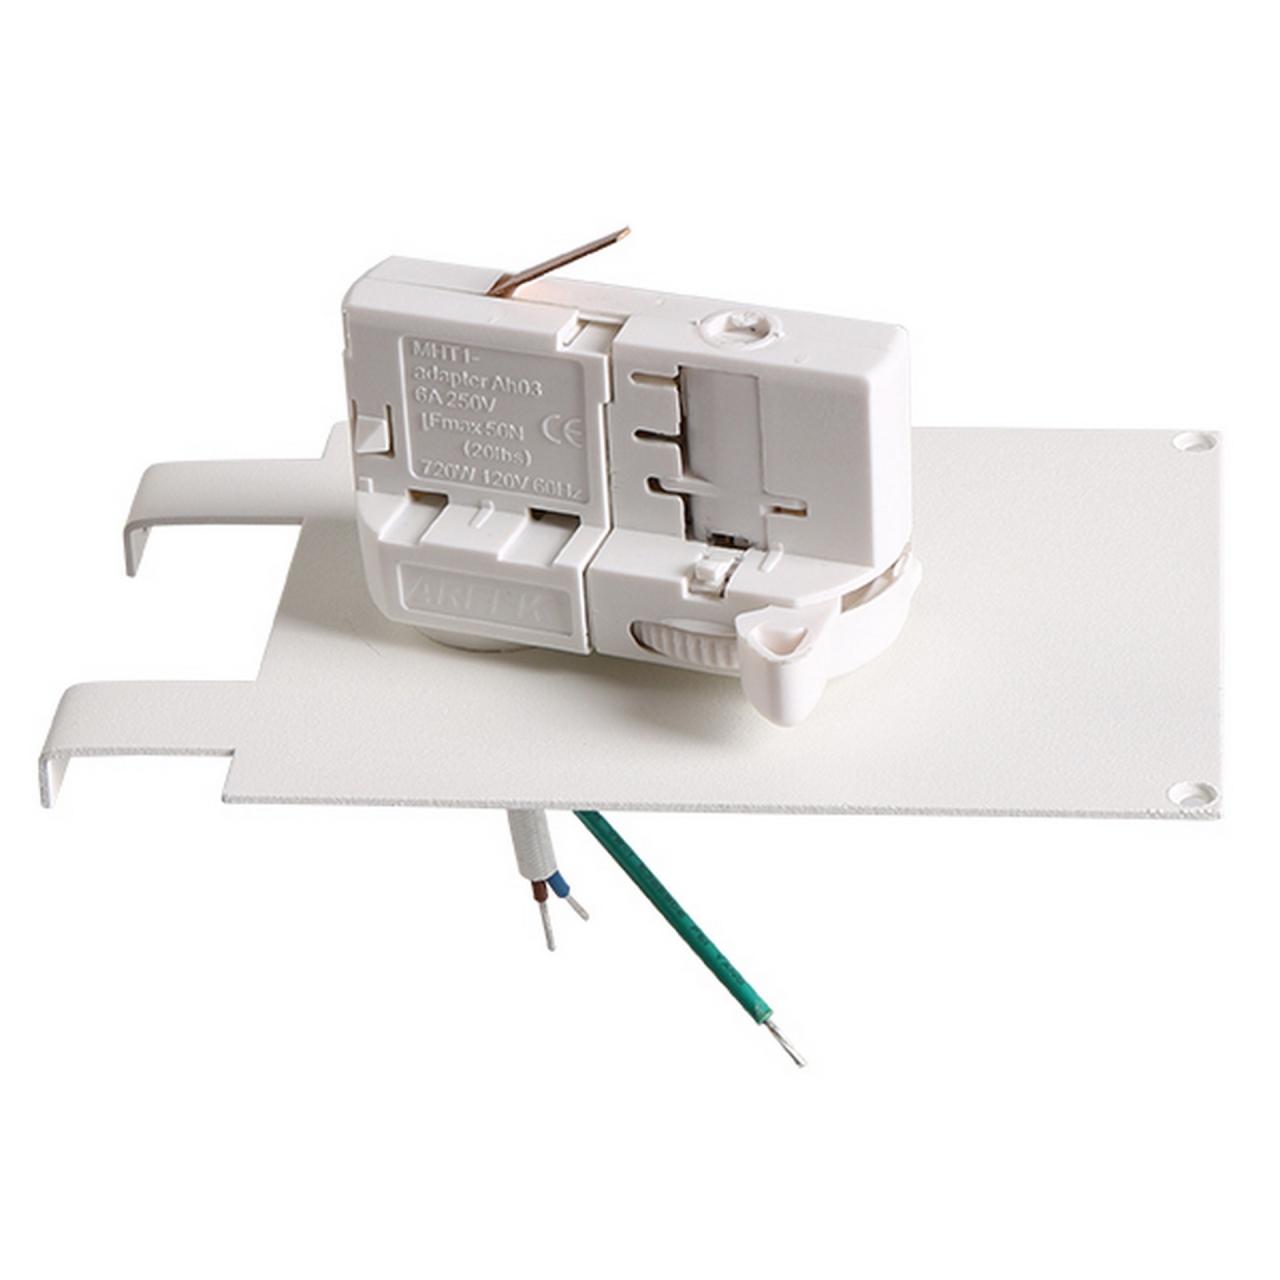 Трековое крепление Asta с 3-фазным адаптером к 05121x/05131x белый Lightstar 594036